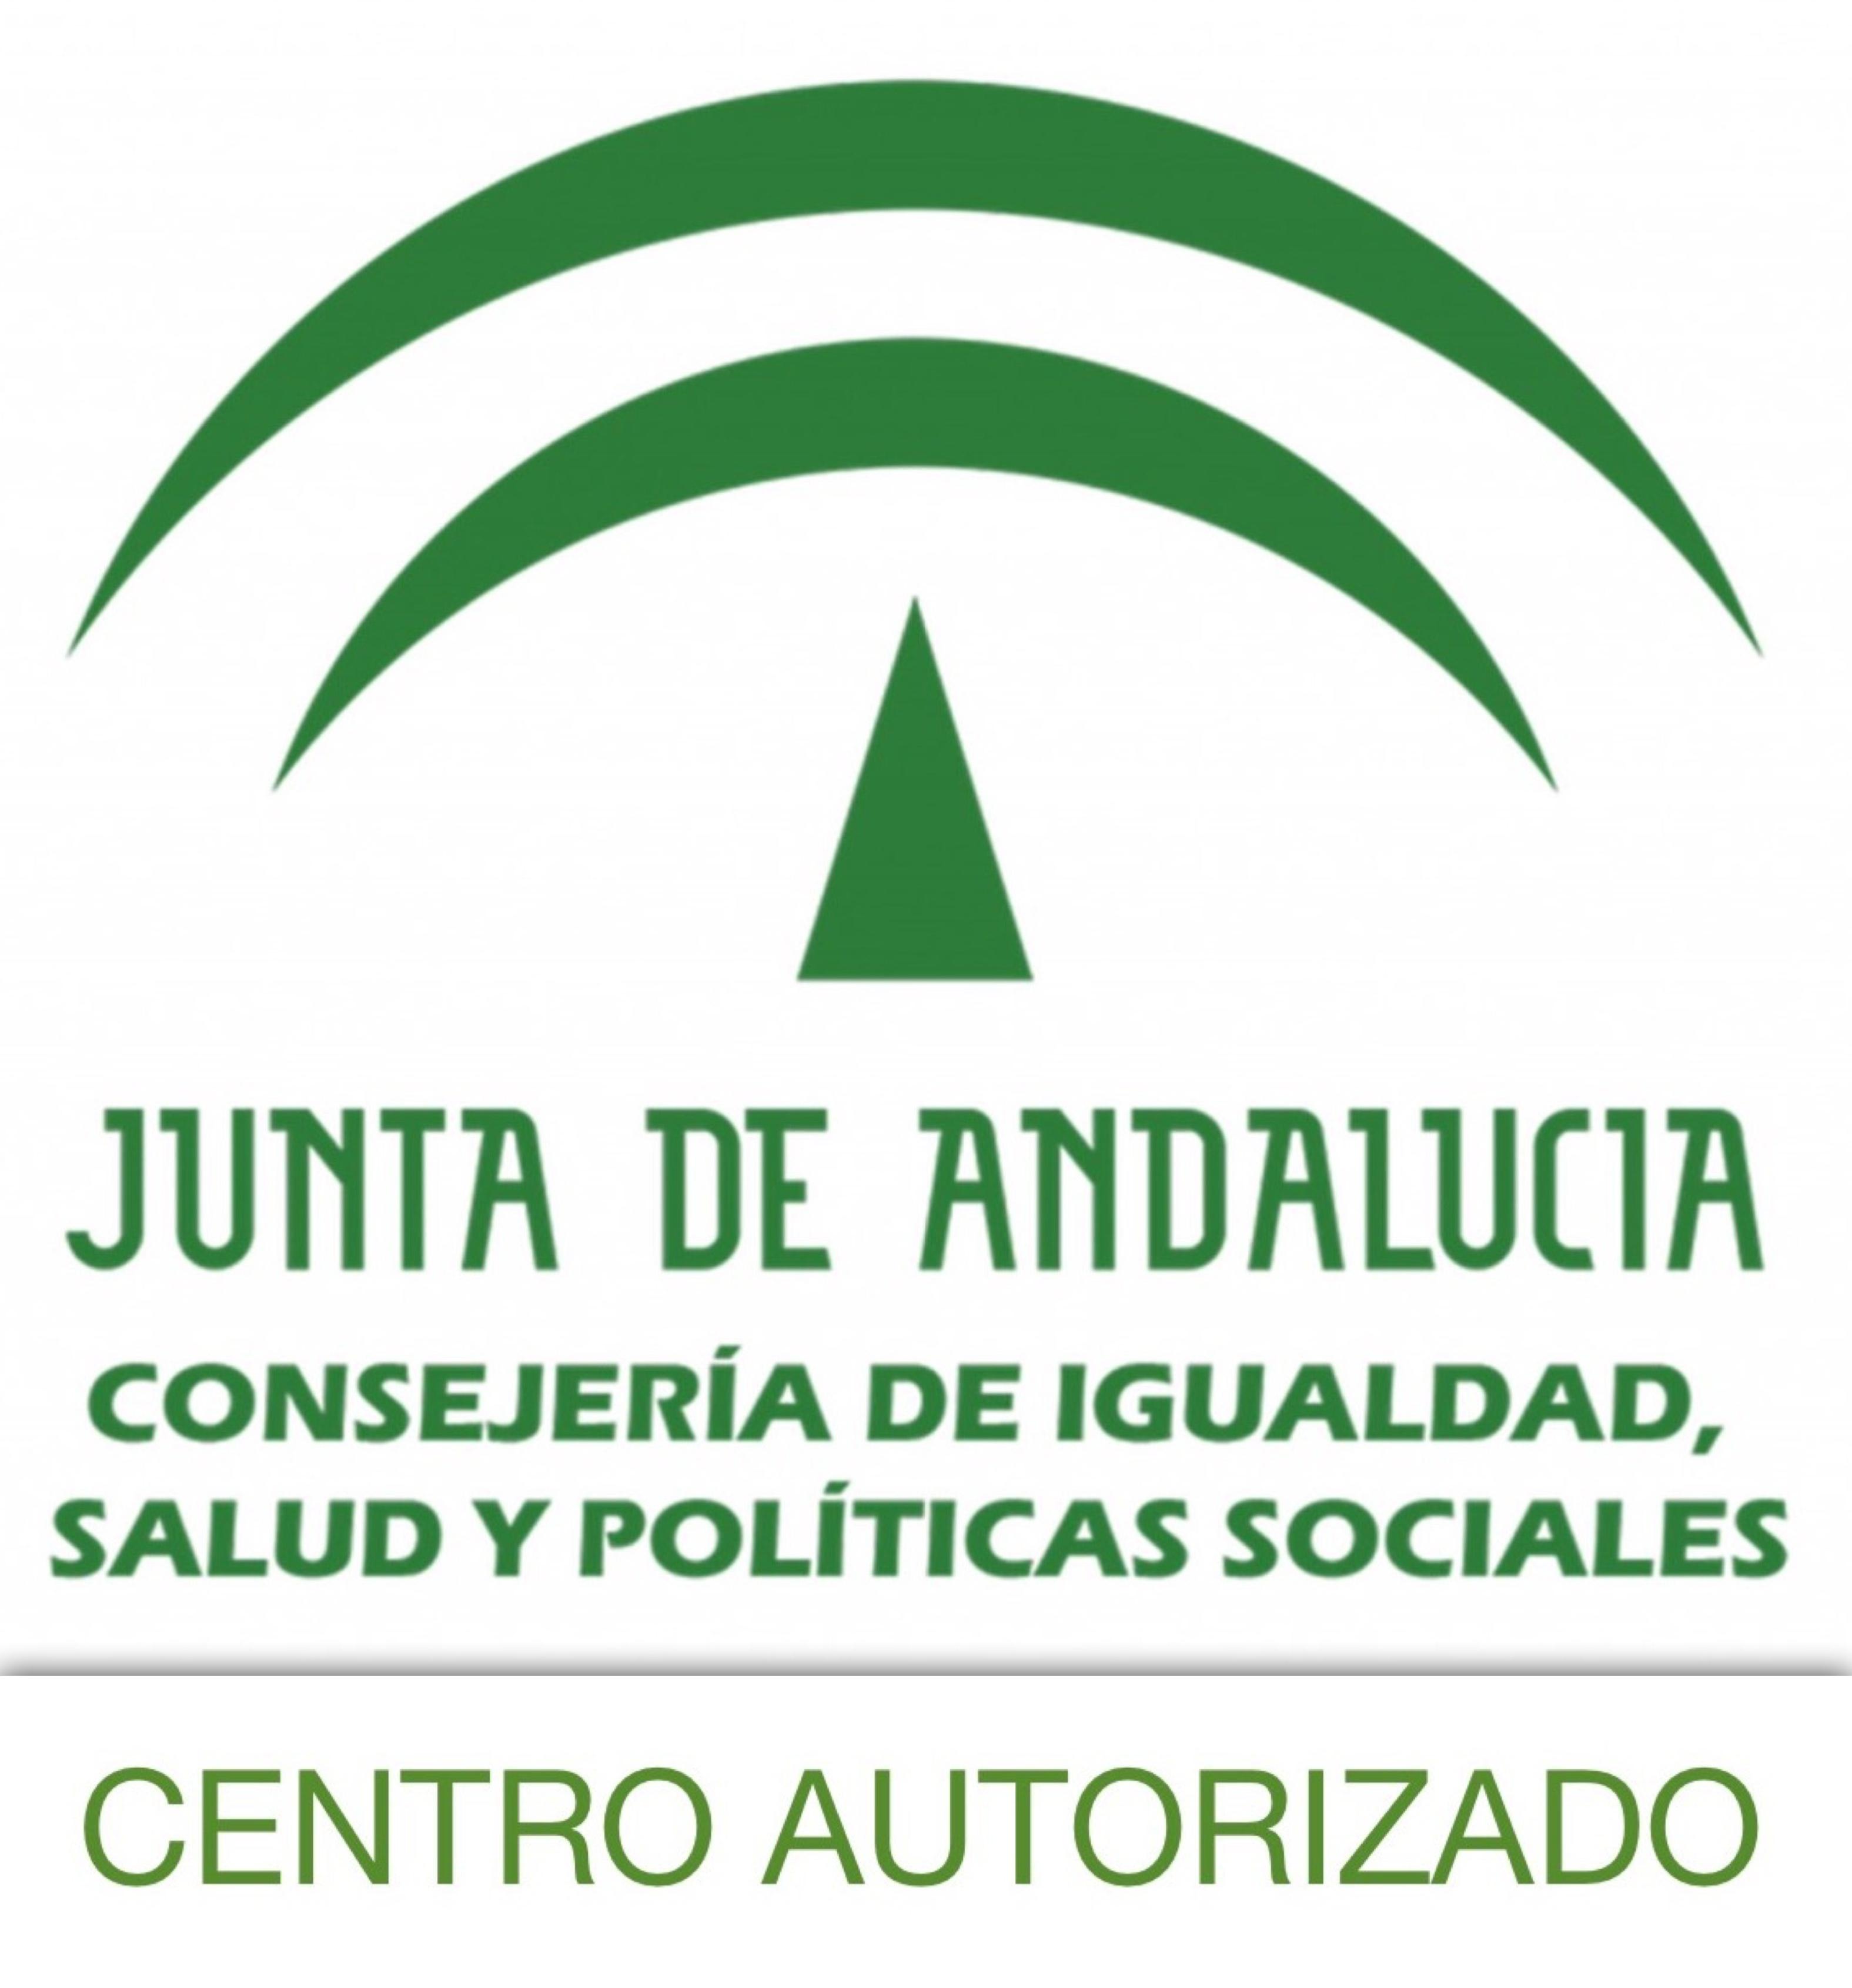 Centro Autorizado por la Consejería de Igualdad, Salud y Politicas Sociales de la Junta de Andalucía